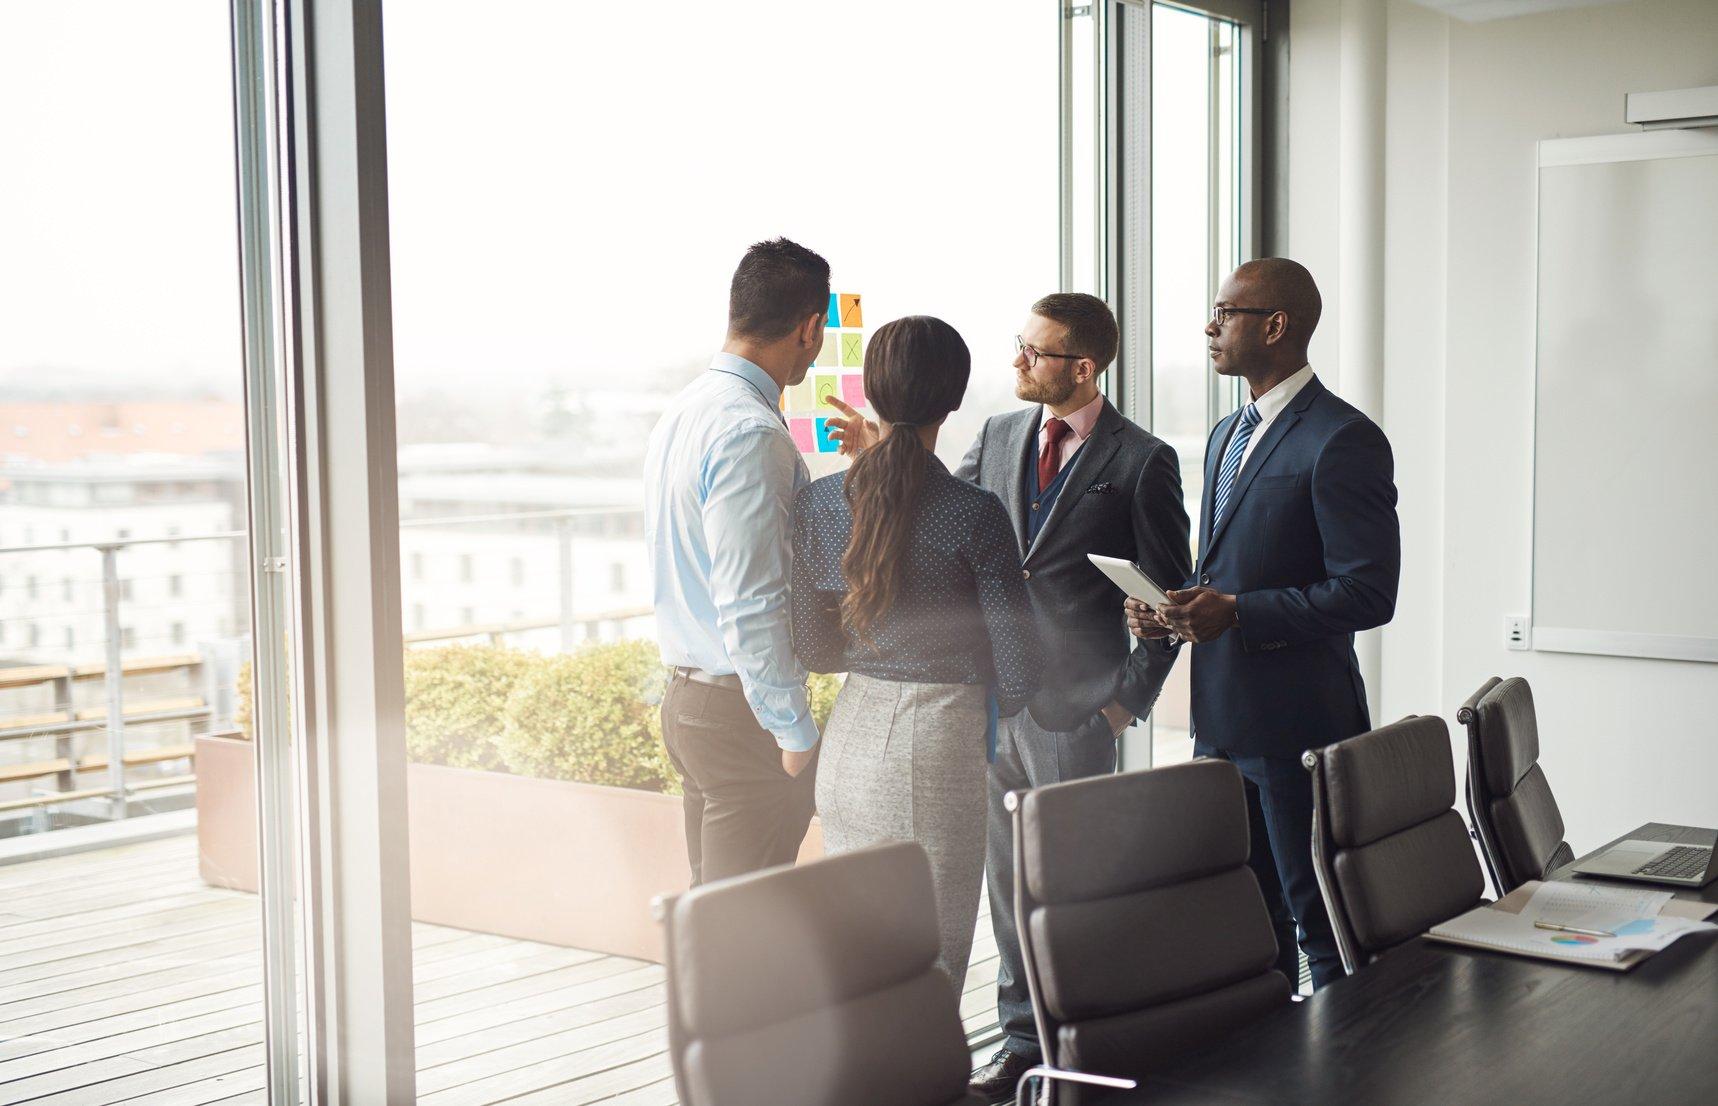 Das sind die 4 Entwicklungen des Marketings im Jahr 2019.